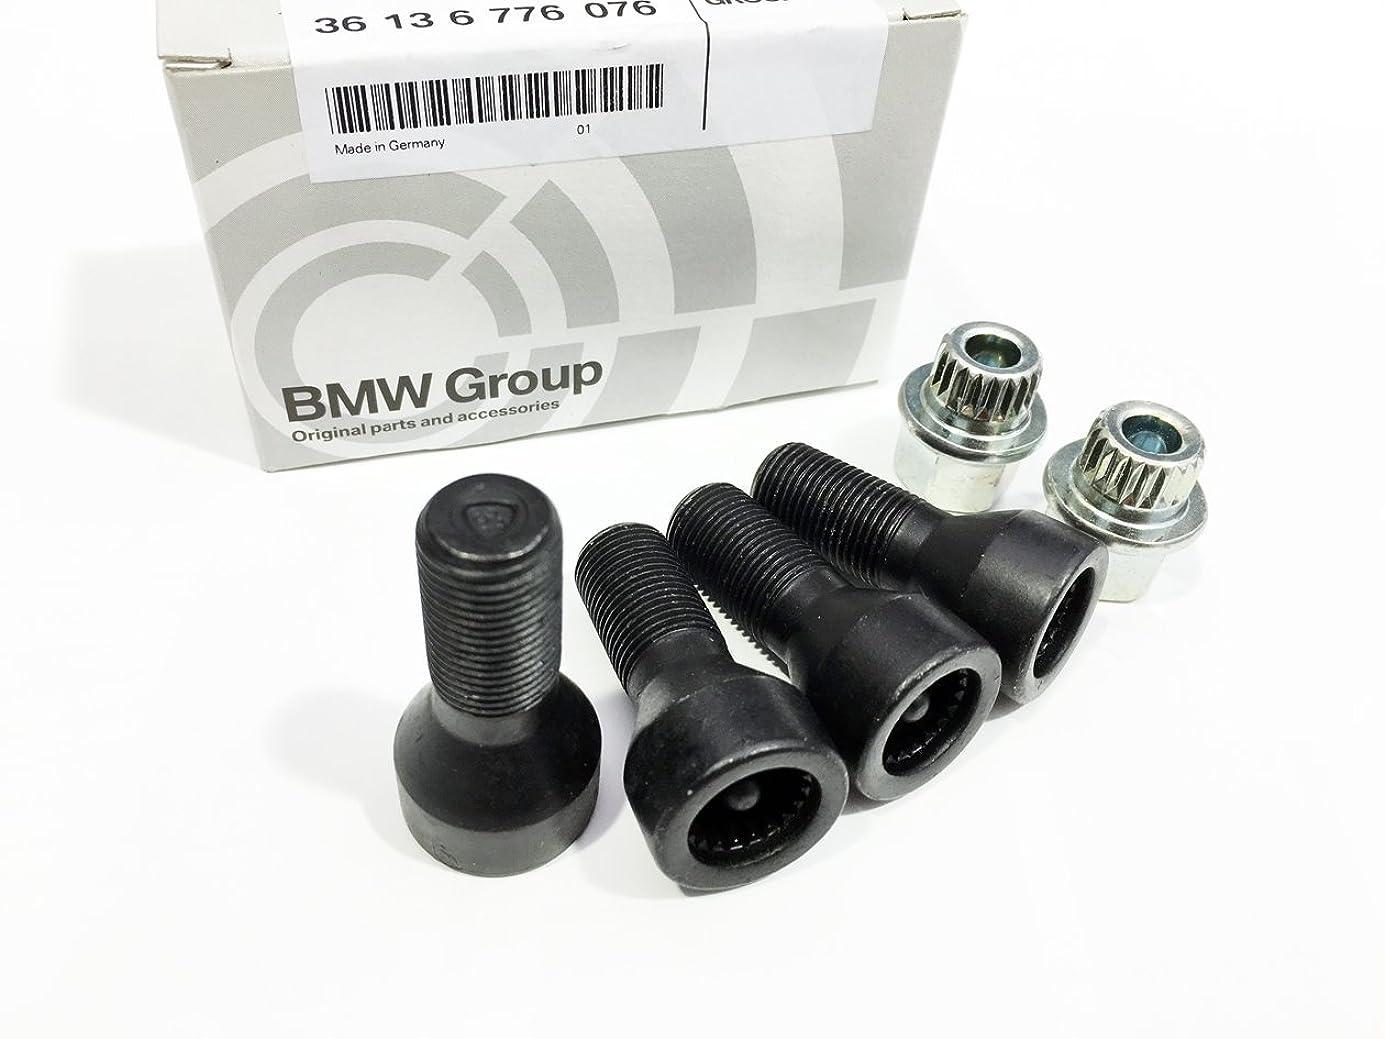 ジーンズ各自動化マックガード (McGard) ホイールロックボルト AUDI VW M14×P1.5 M14x1.5 座面:球面 首下:26.7mm ブラック 黒 [並行輸入品]